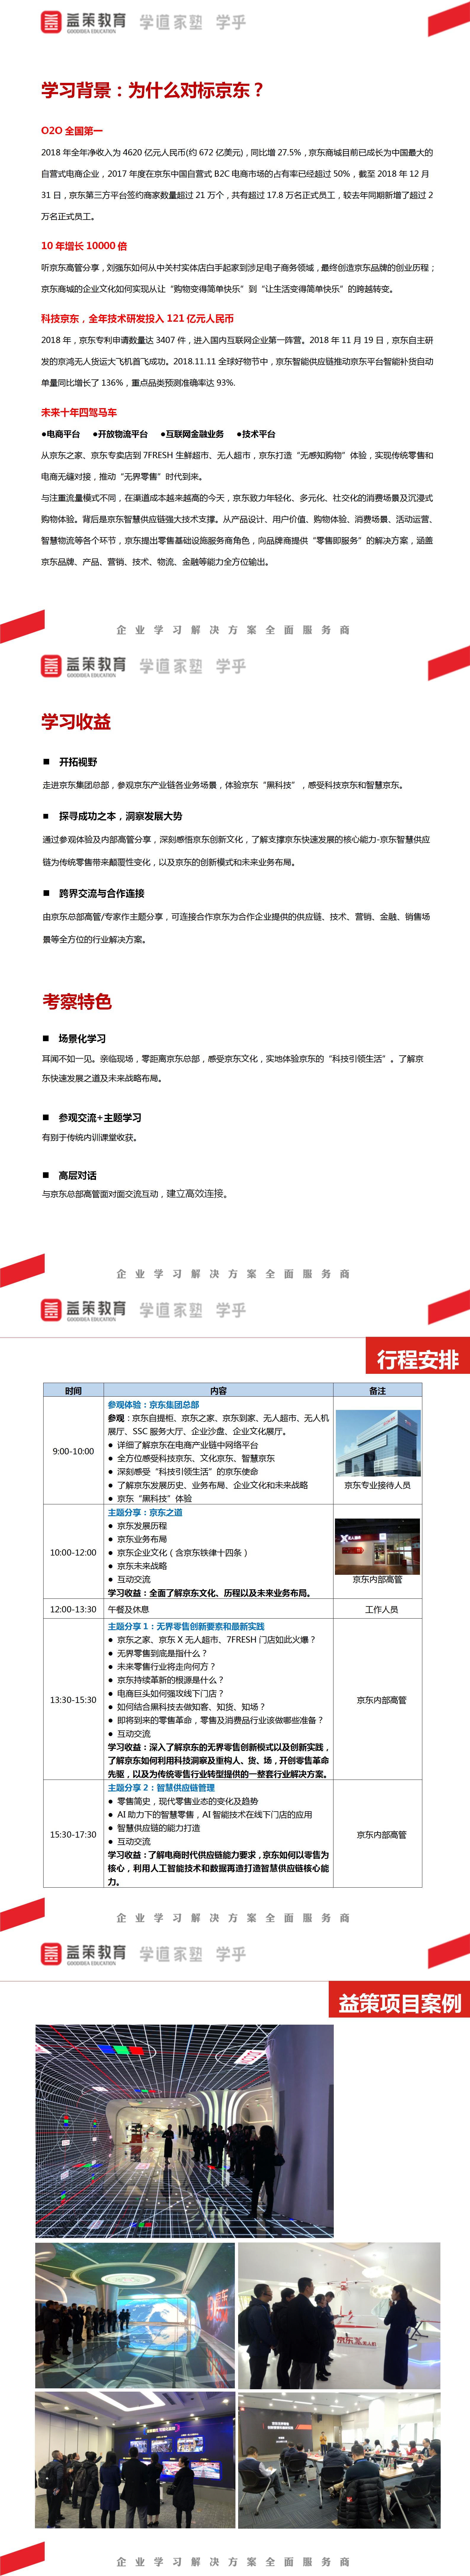 京东考察定制-研习营版本方案参考(学乎网).png